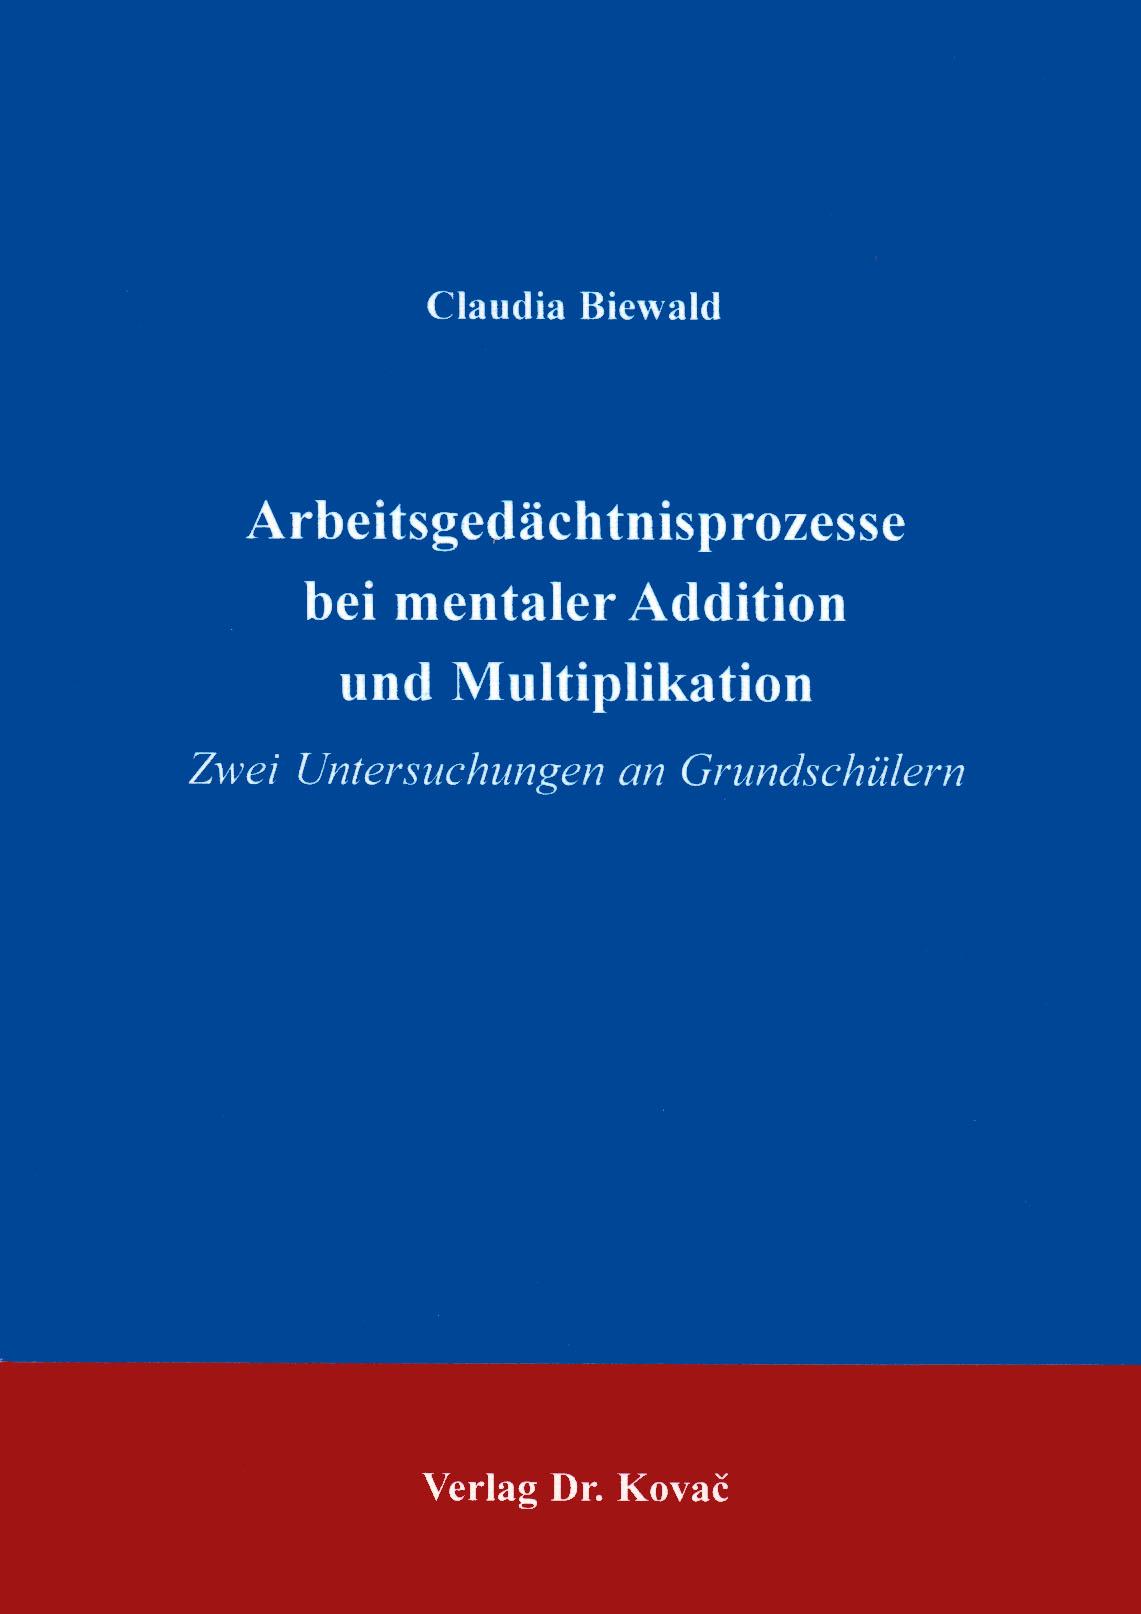 Cover: Arbeitsgedächtnisprozesse bei mentaler Addition und Multiplikation